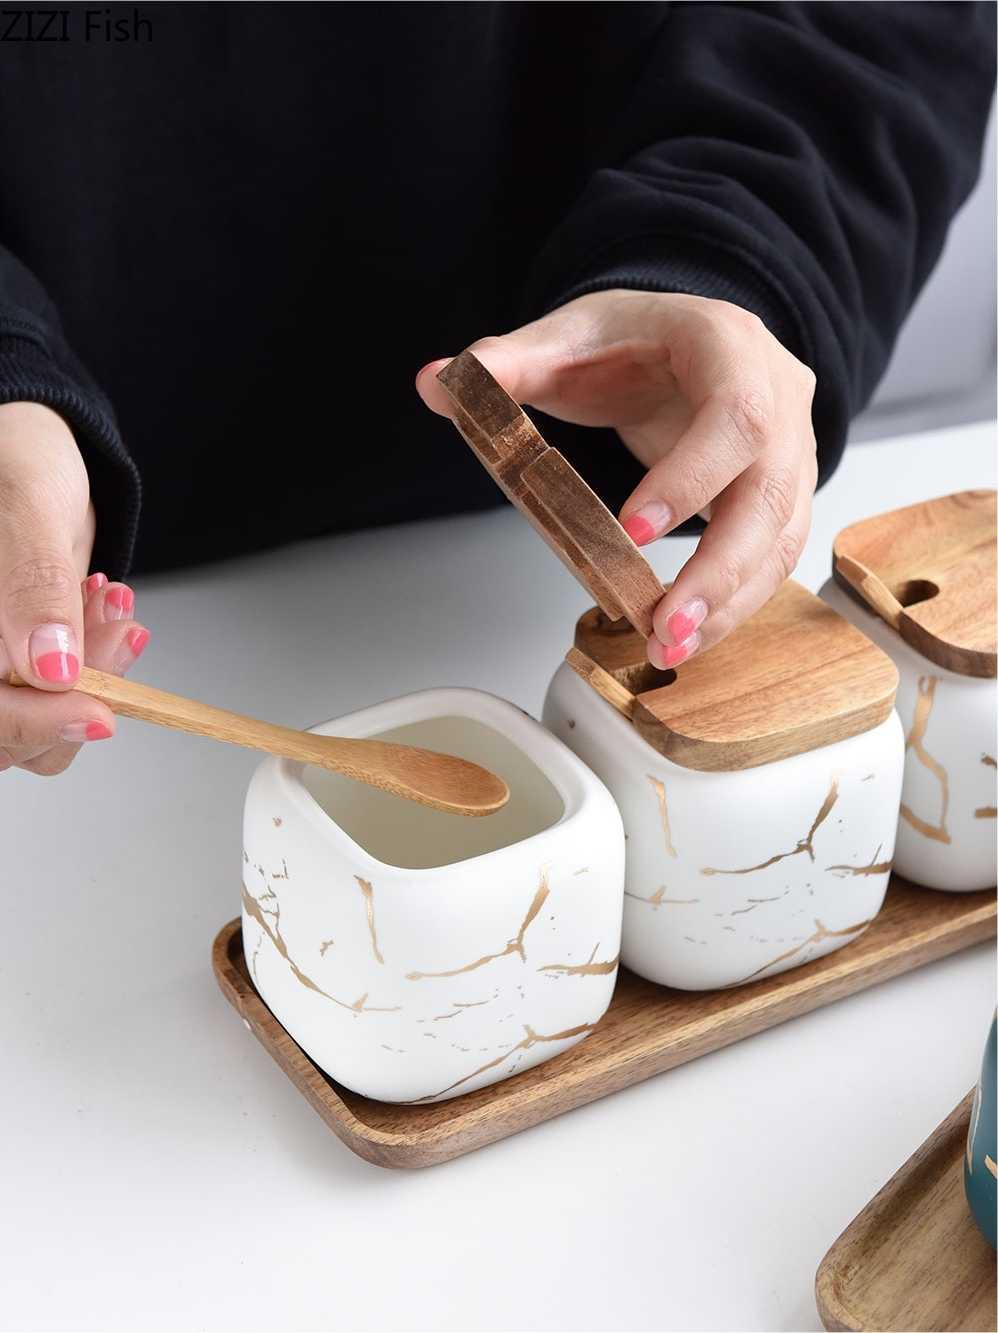 Criativo estilo nórdico padrão de mármore cerâmica cozinha tempero conjunto tanque de madeira cobertura saleiro spice jar acessórios da cozinha